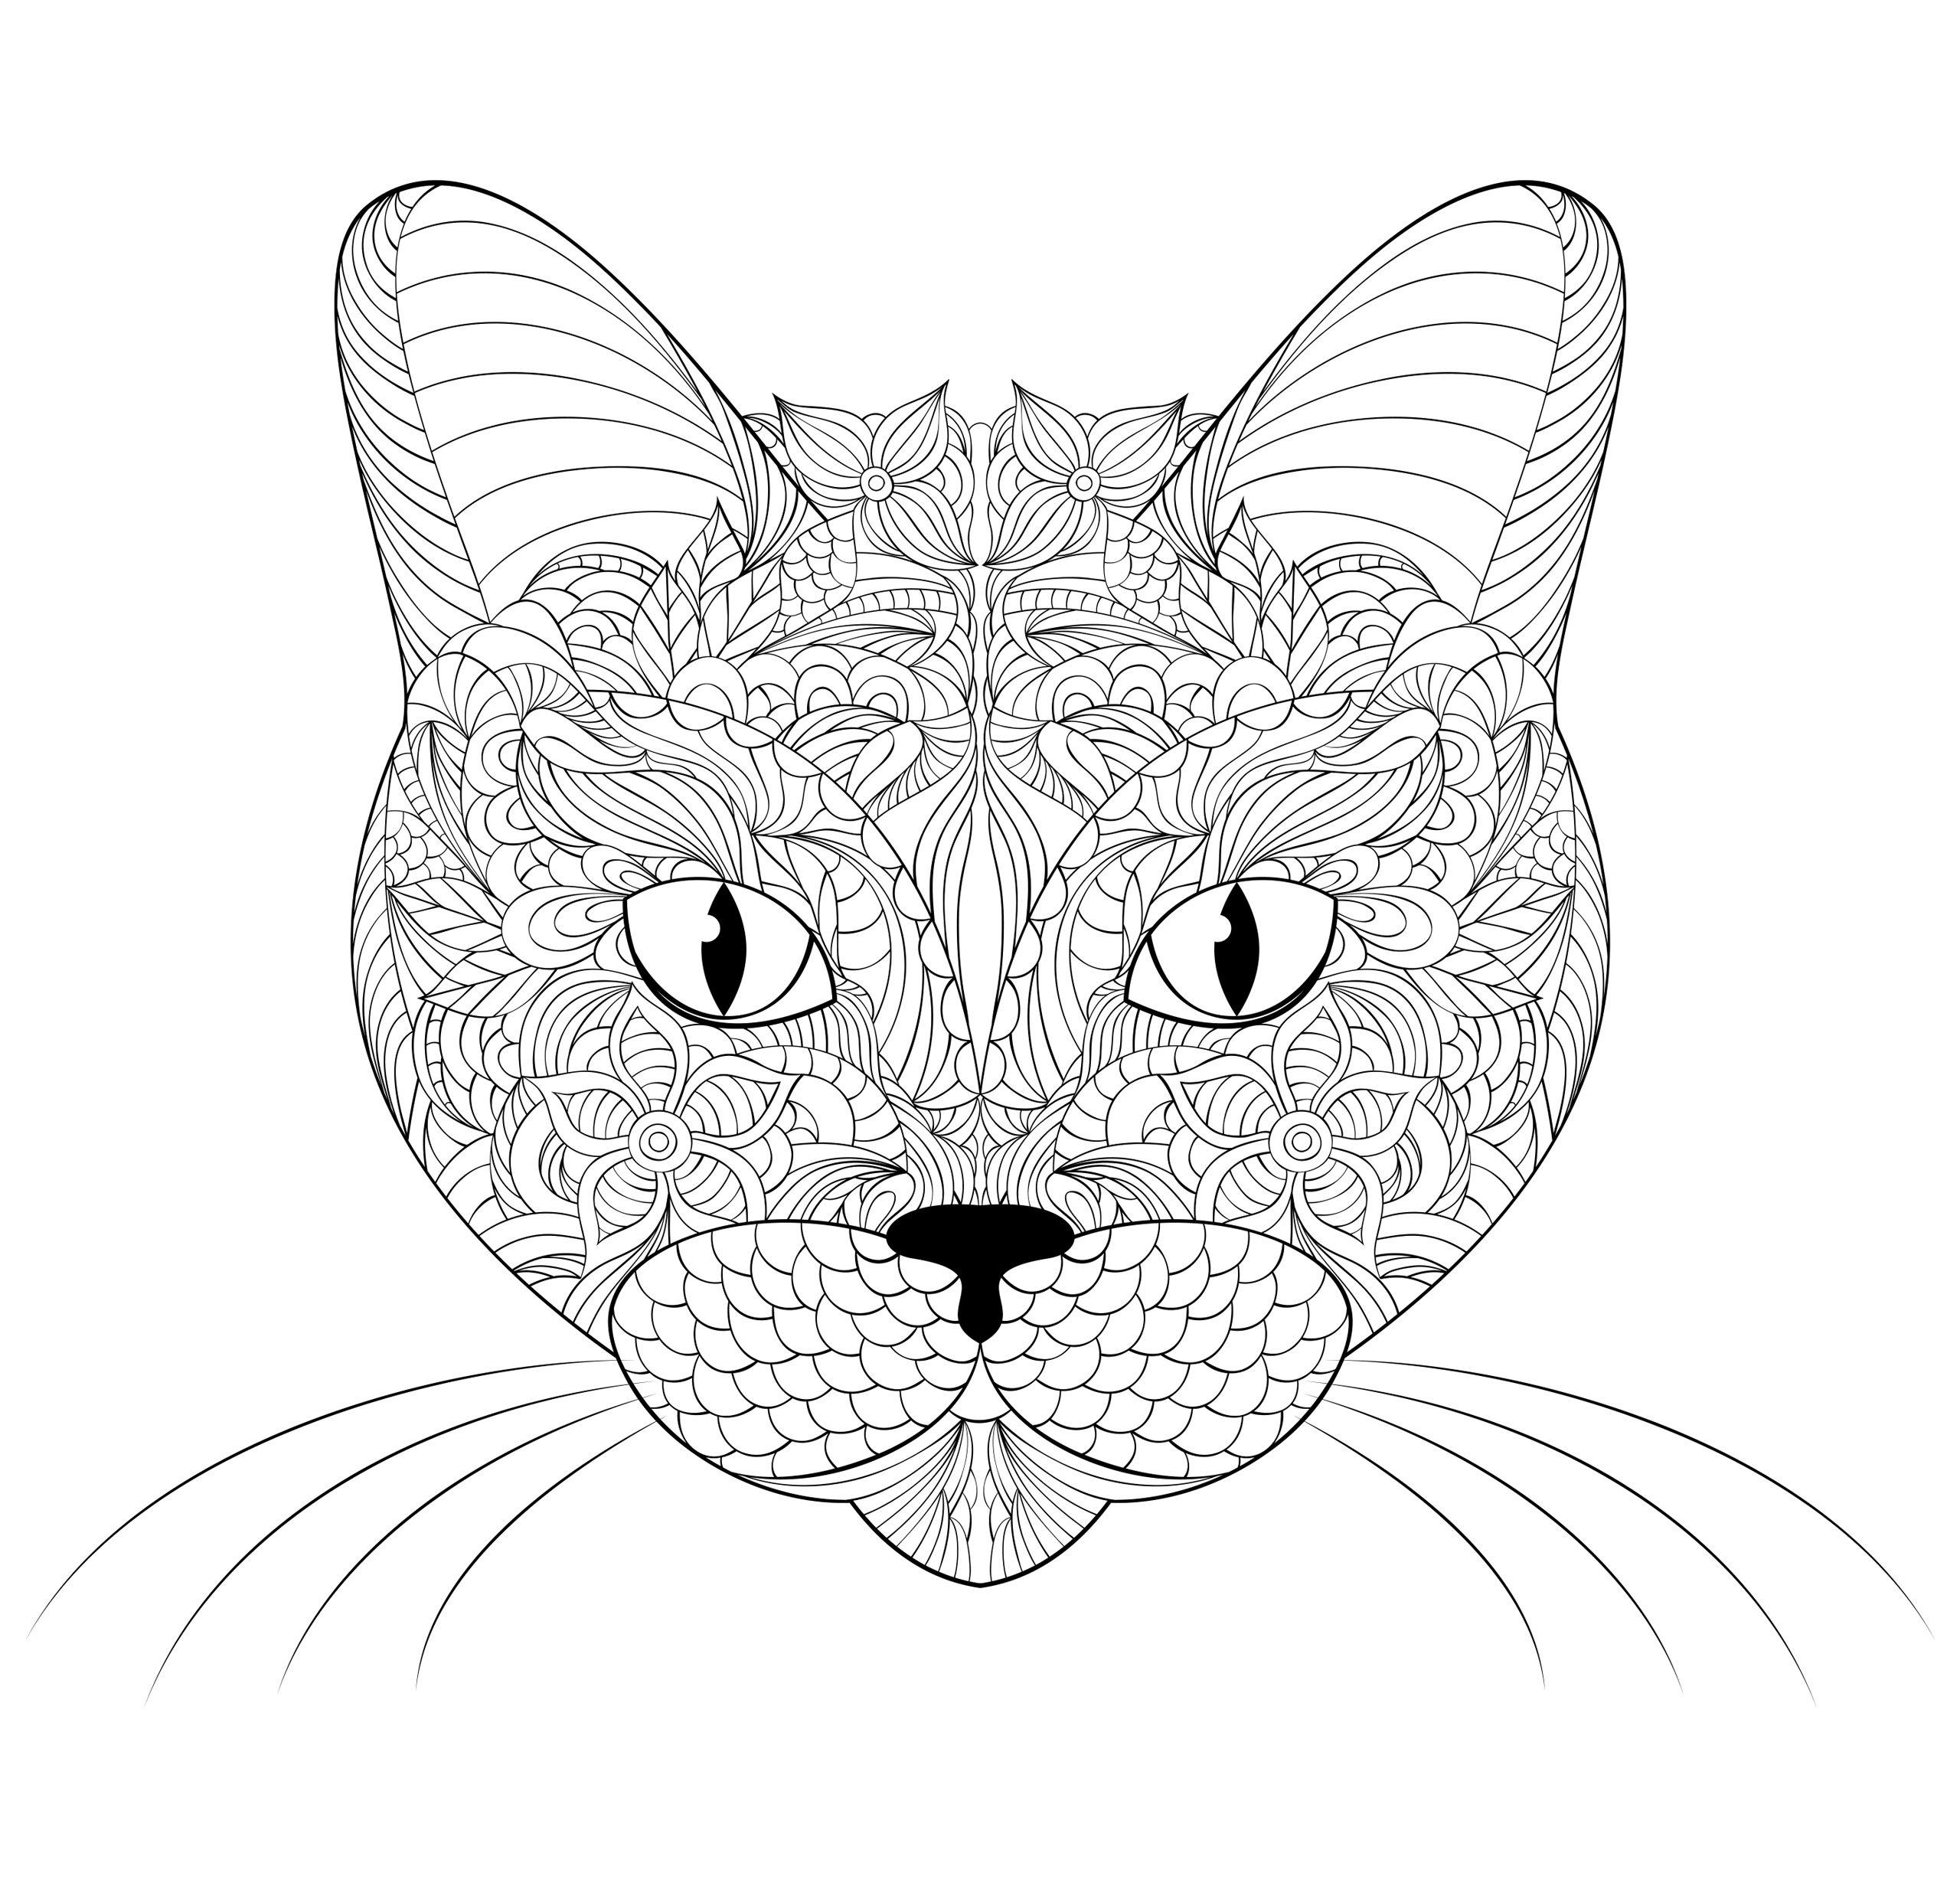 Раскраски антистресс в хорошем качестве «Морда кошки», чтобы распечатать